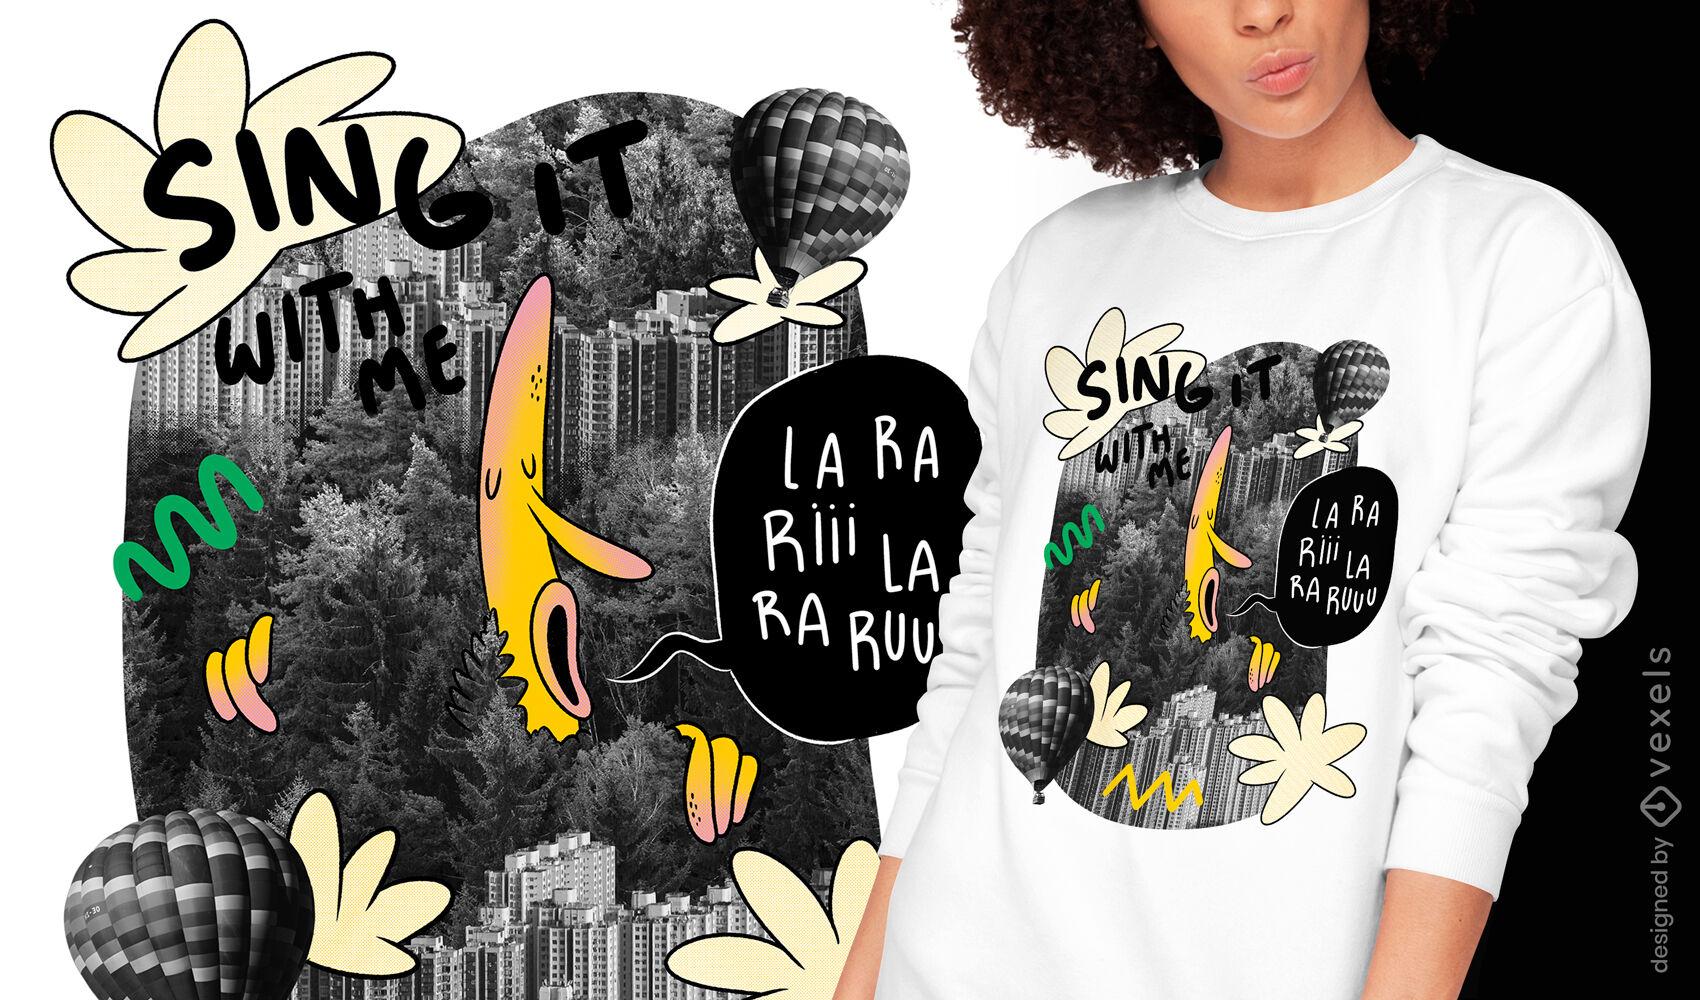 Design de camiseta gigante cantando